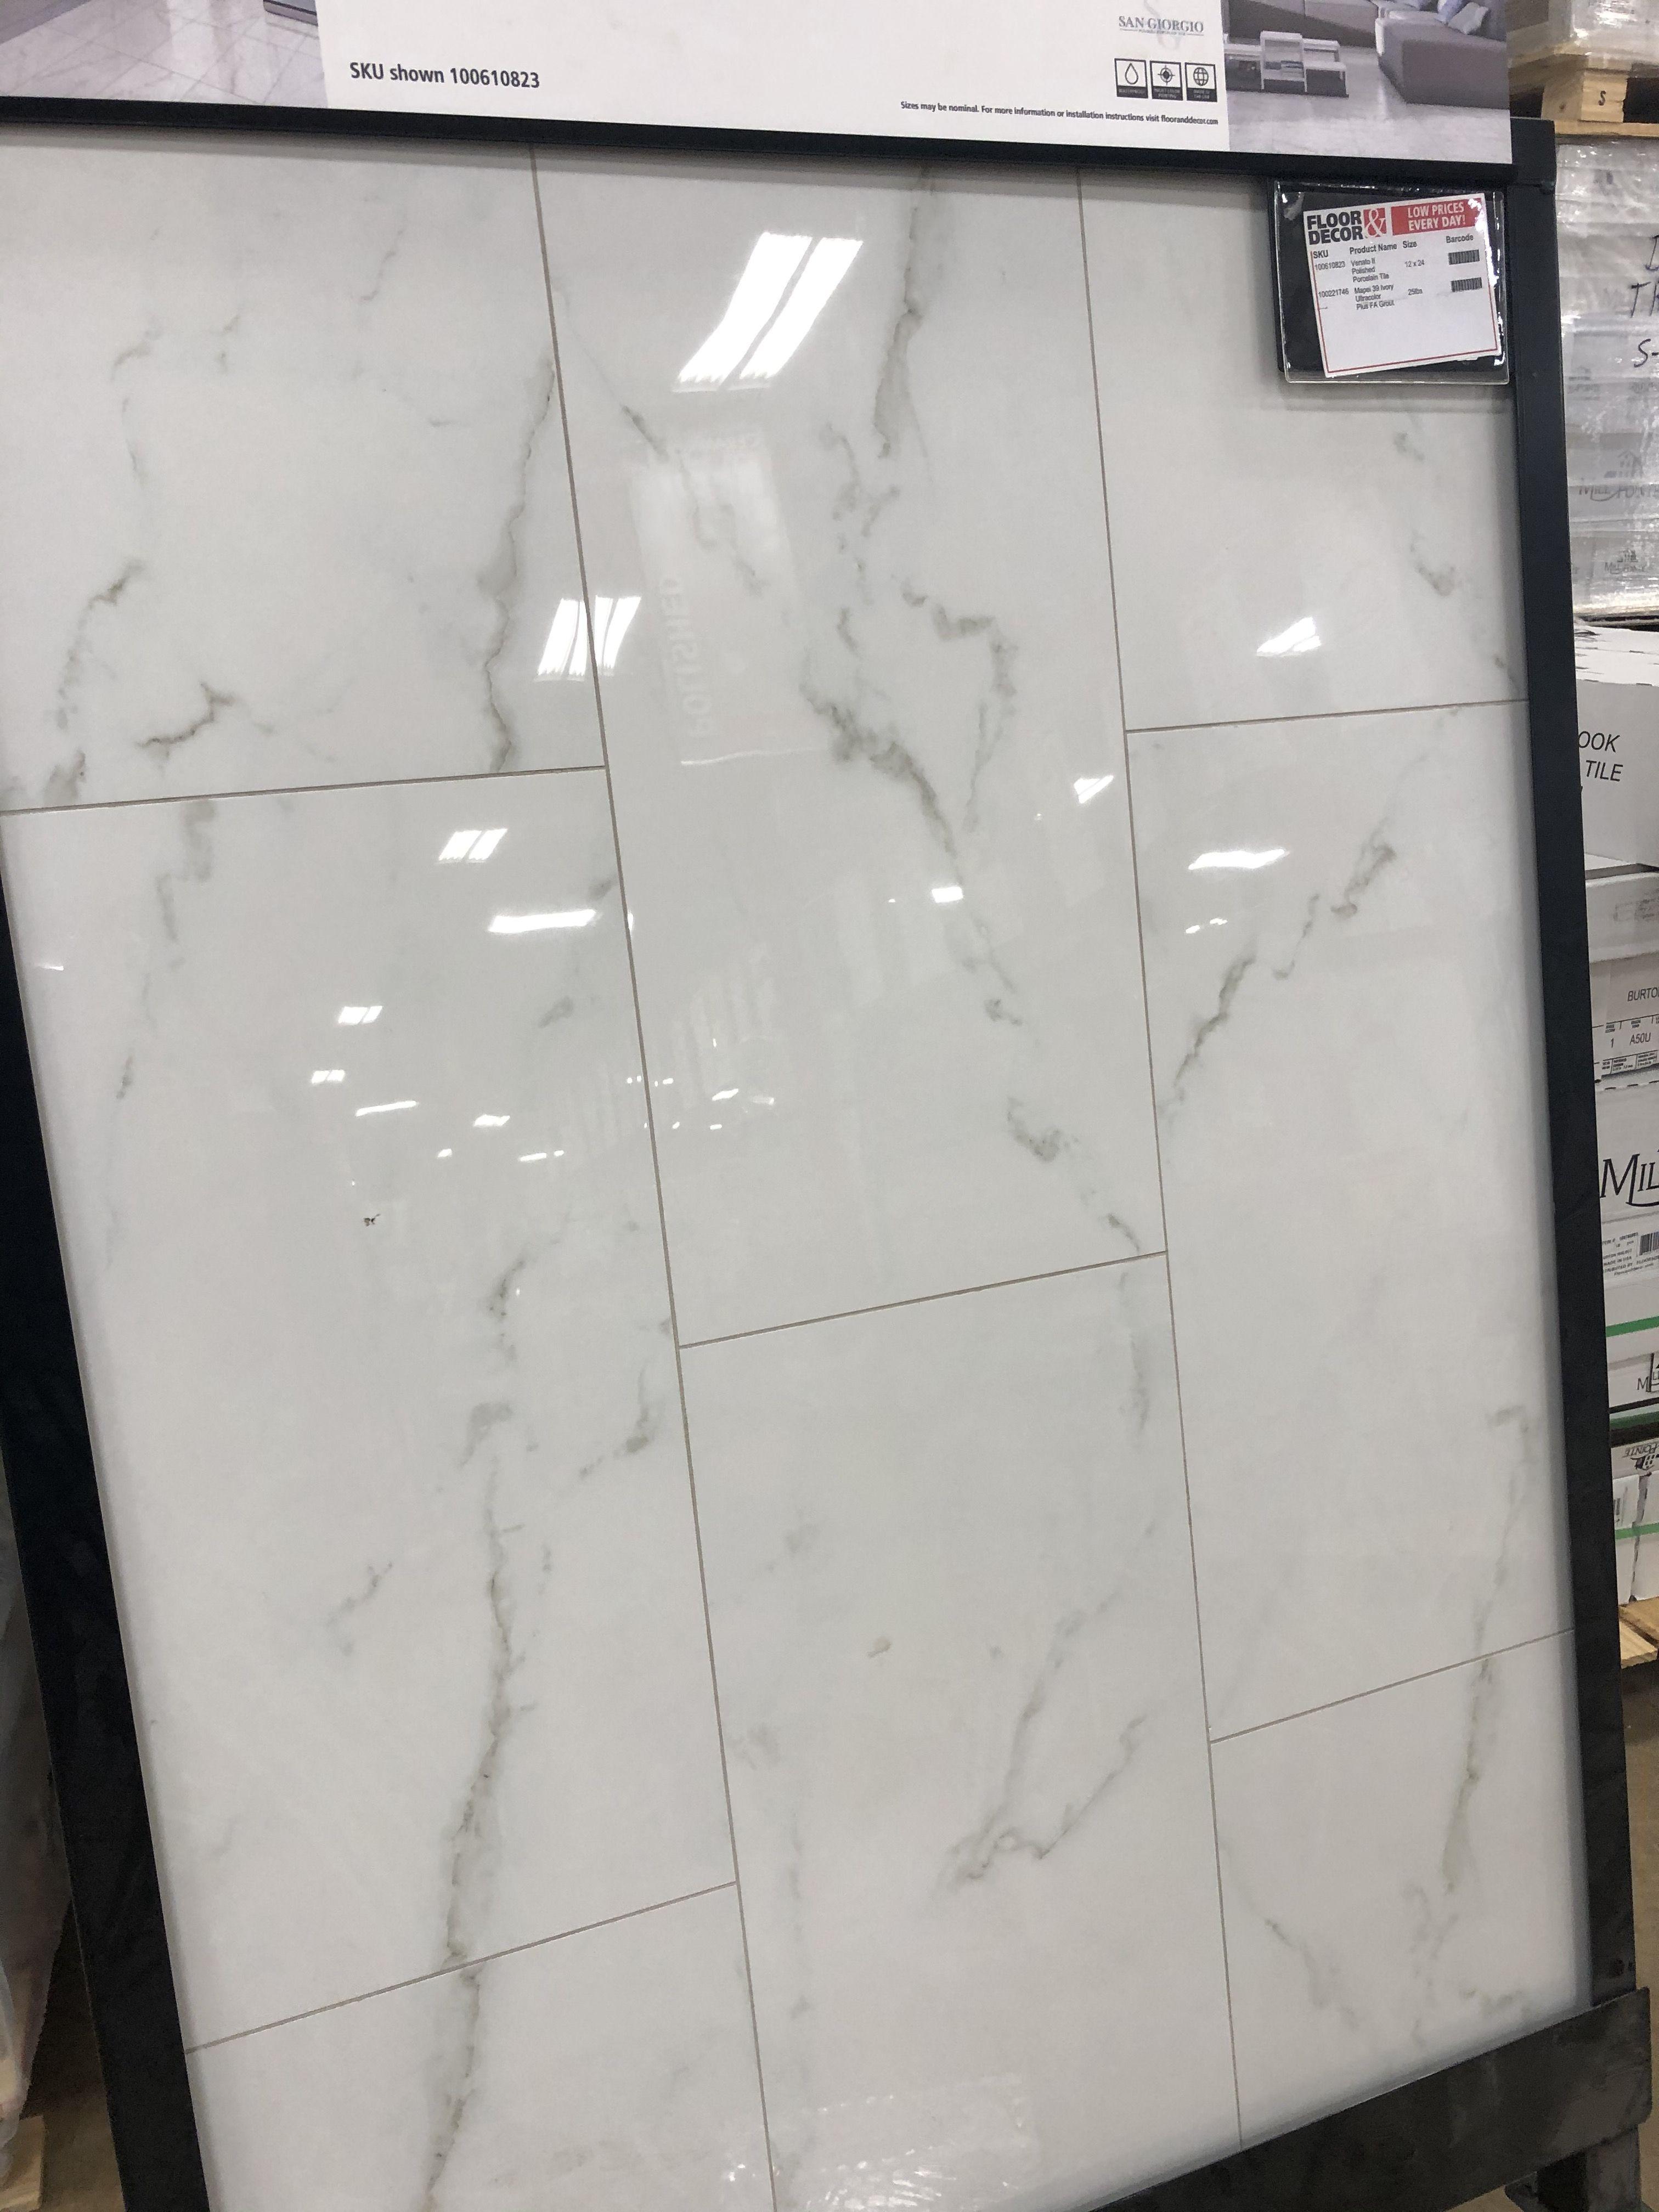 Venato Ii Polished Porcelain Tile In 2020 Marble Shower Walls Large Tile Bathroom Shower Wall Tile